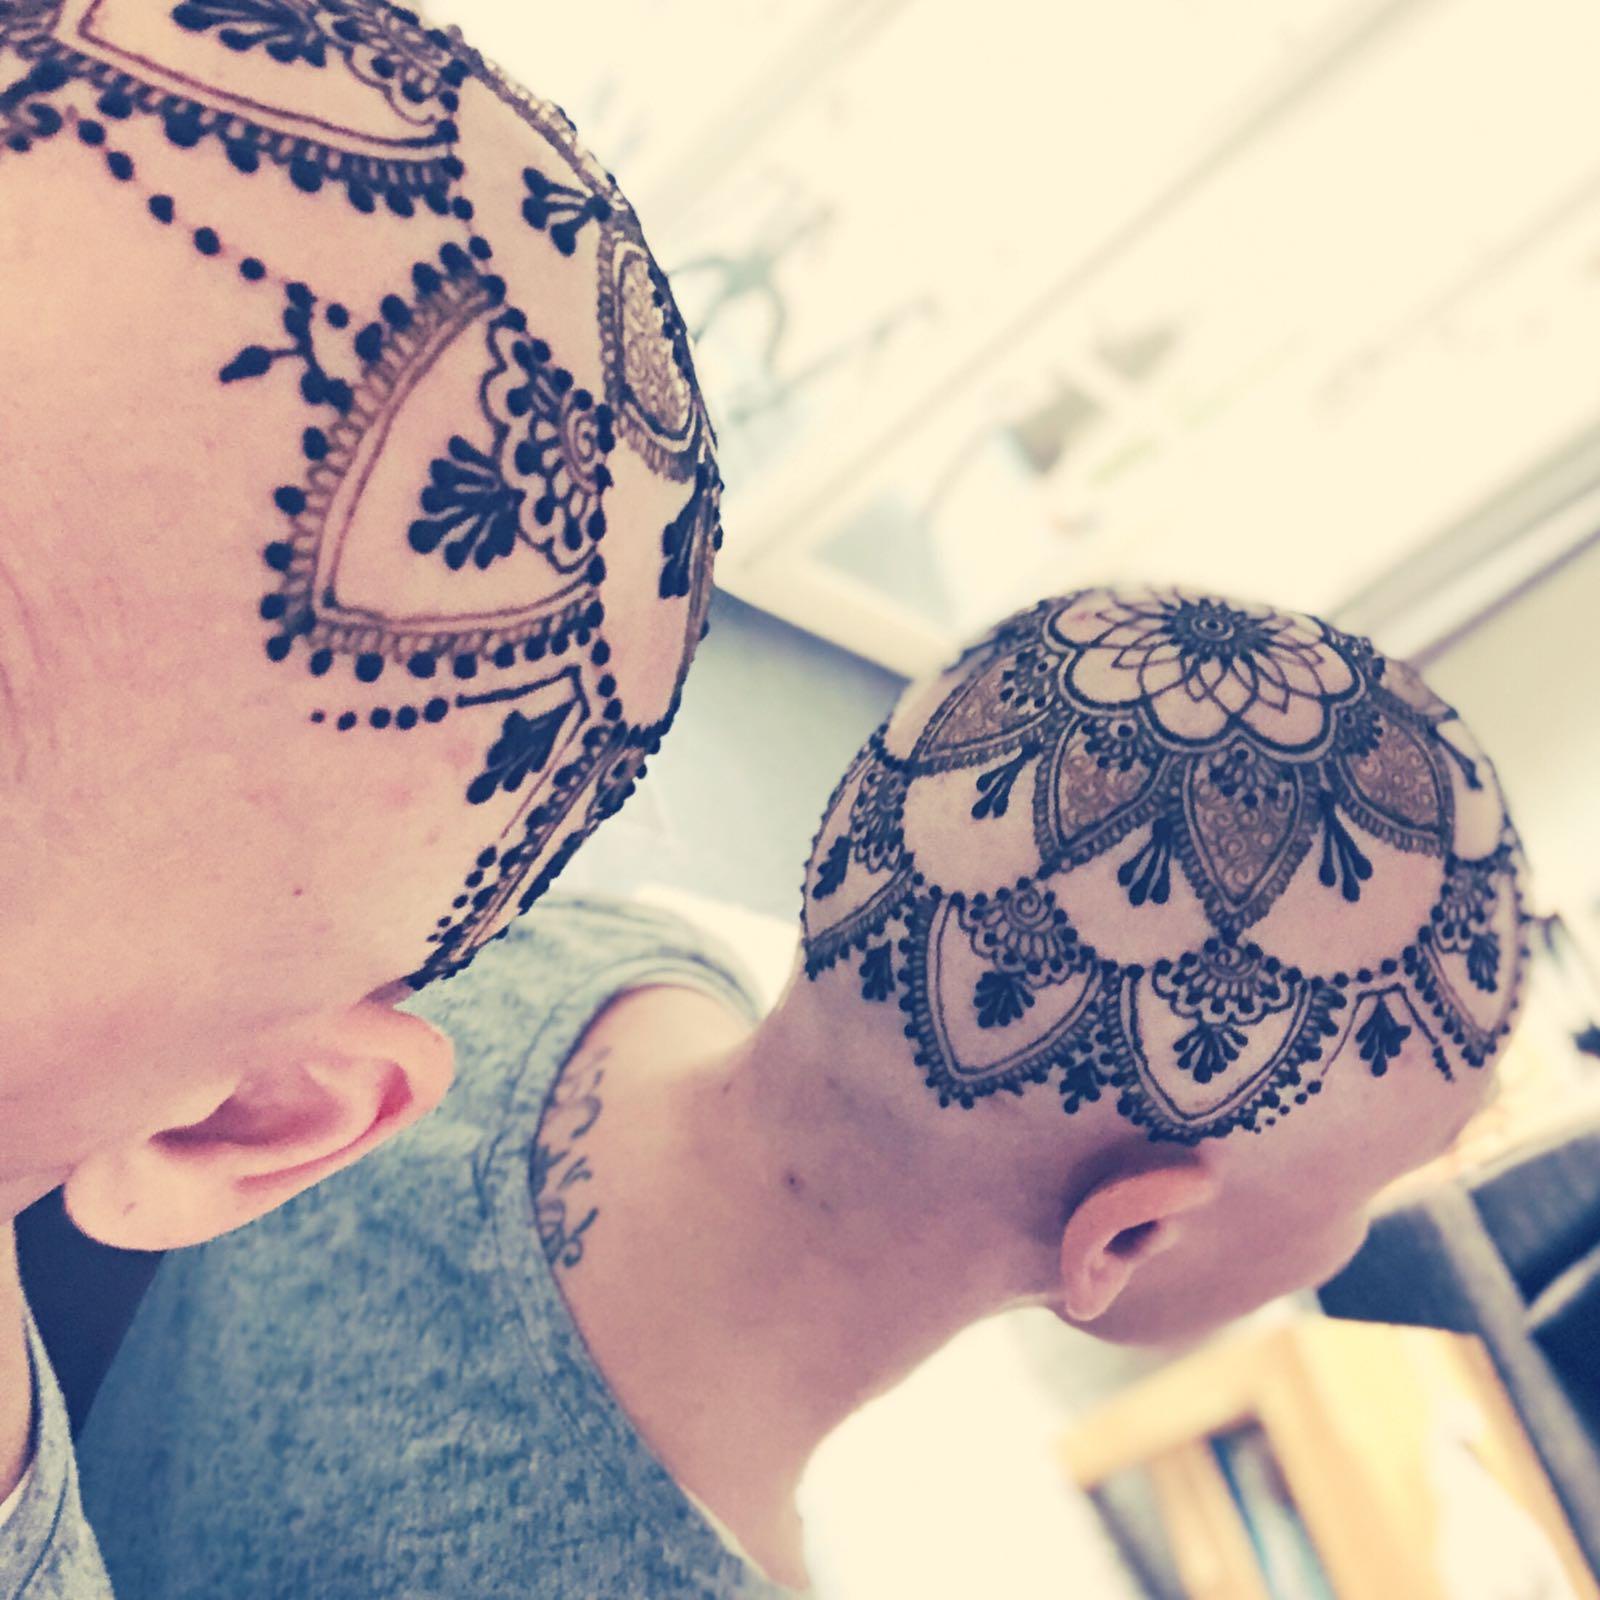 angebote preise und kosten f r henna malen design motive sujets und tattoos. Black Bedroom Furniture Sets. Home Design Ideas